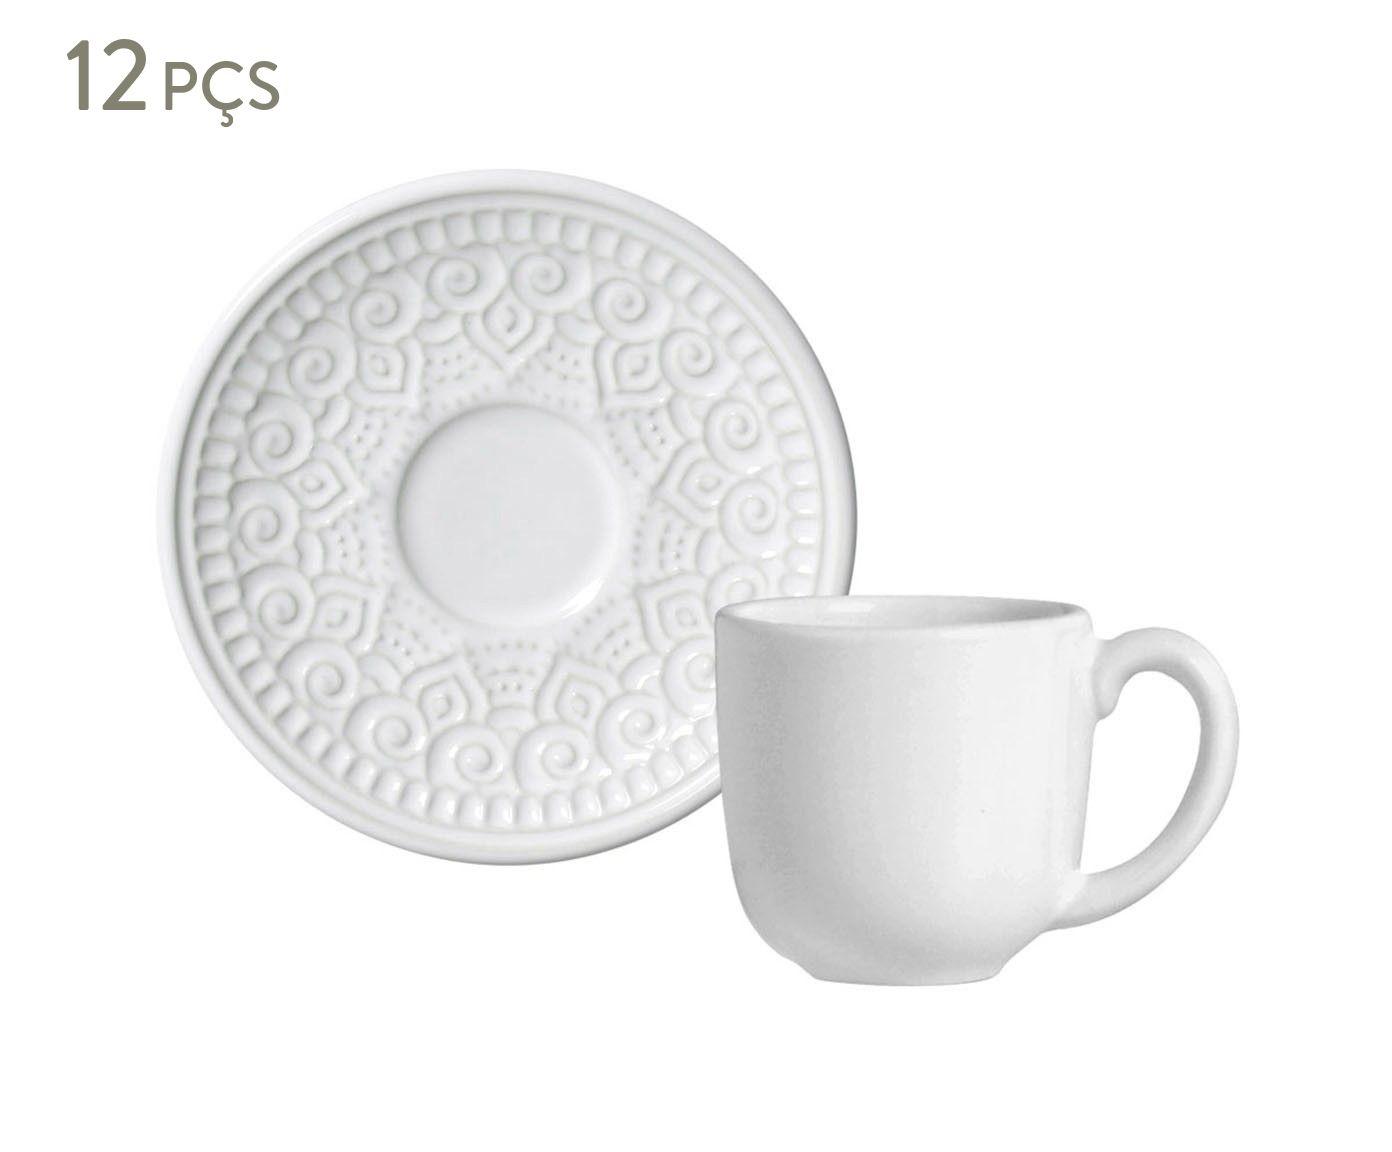 Jogo de Xícaras para Café com Pires Agra Branco - 112ml | Westwing.com.br